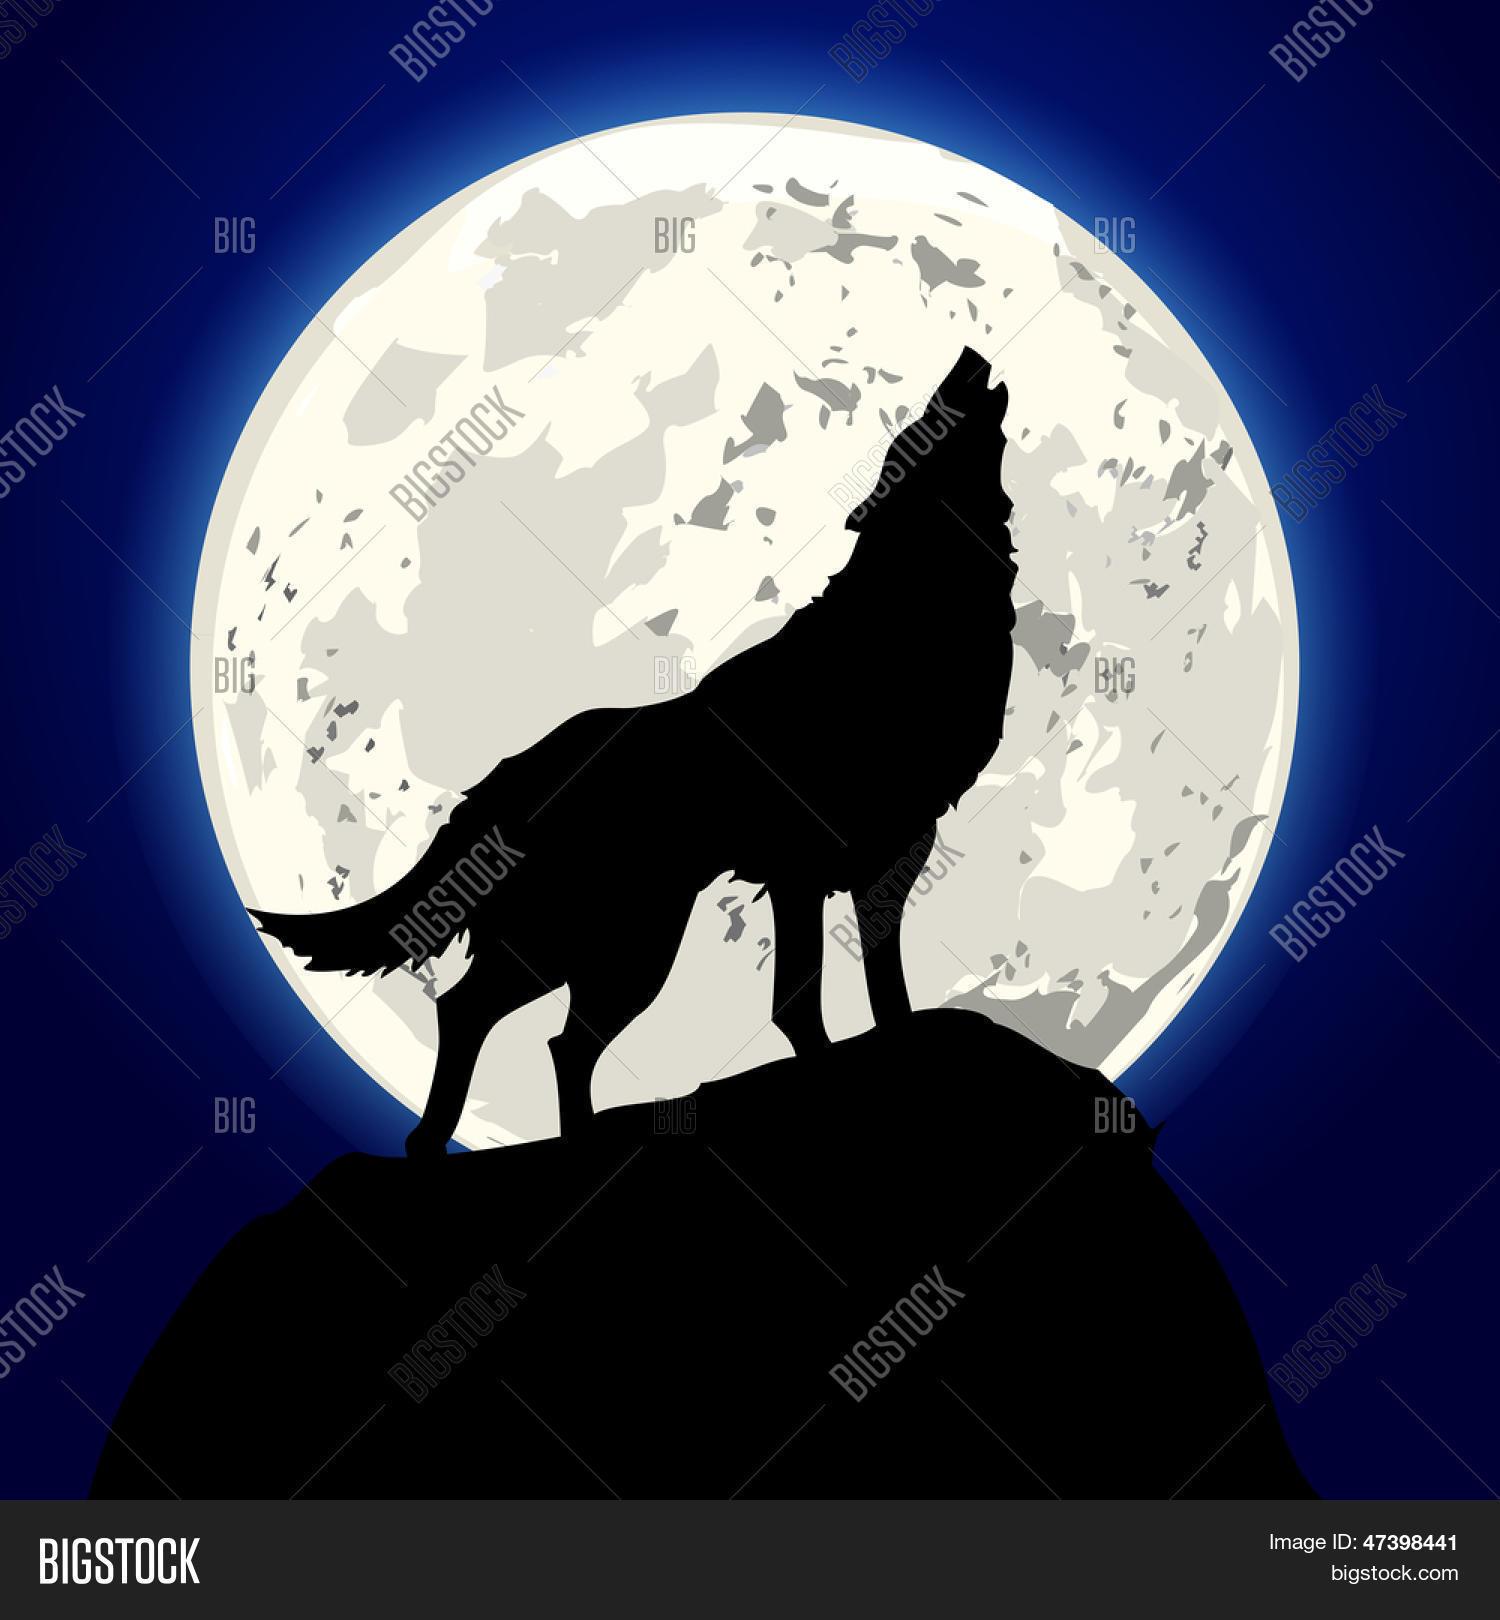 рецептов картинки как волк на скале воет на луну кто-нибудь делал самопальные